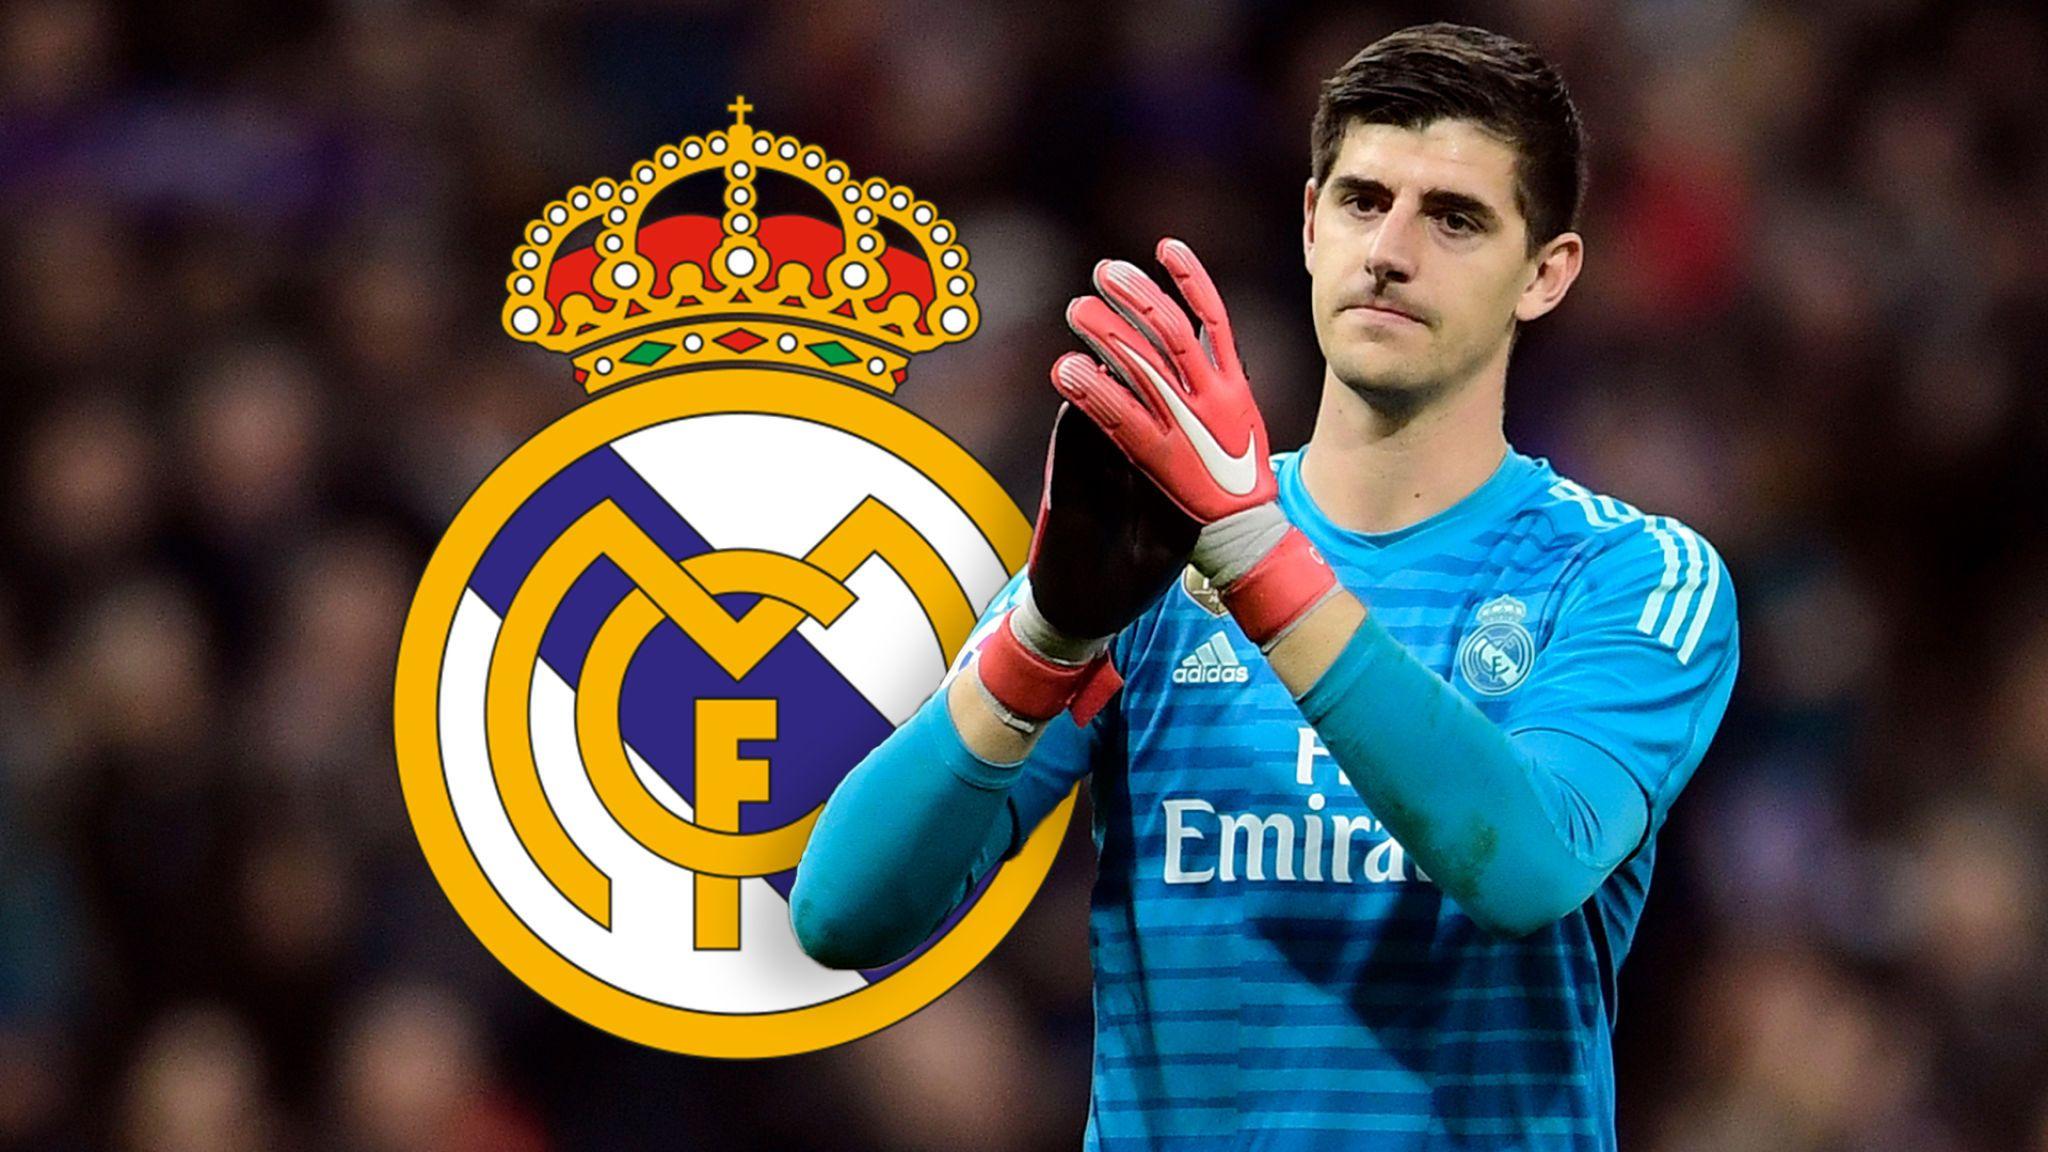 ريال مدريد ينفي تعرض كورتوا لنوبة قلق